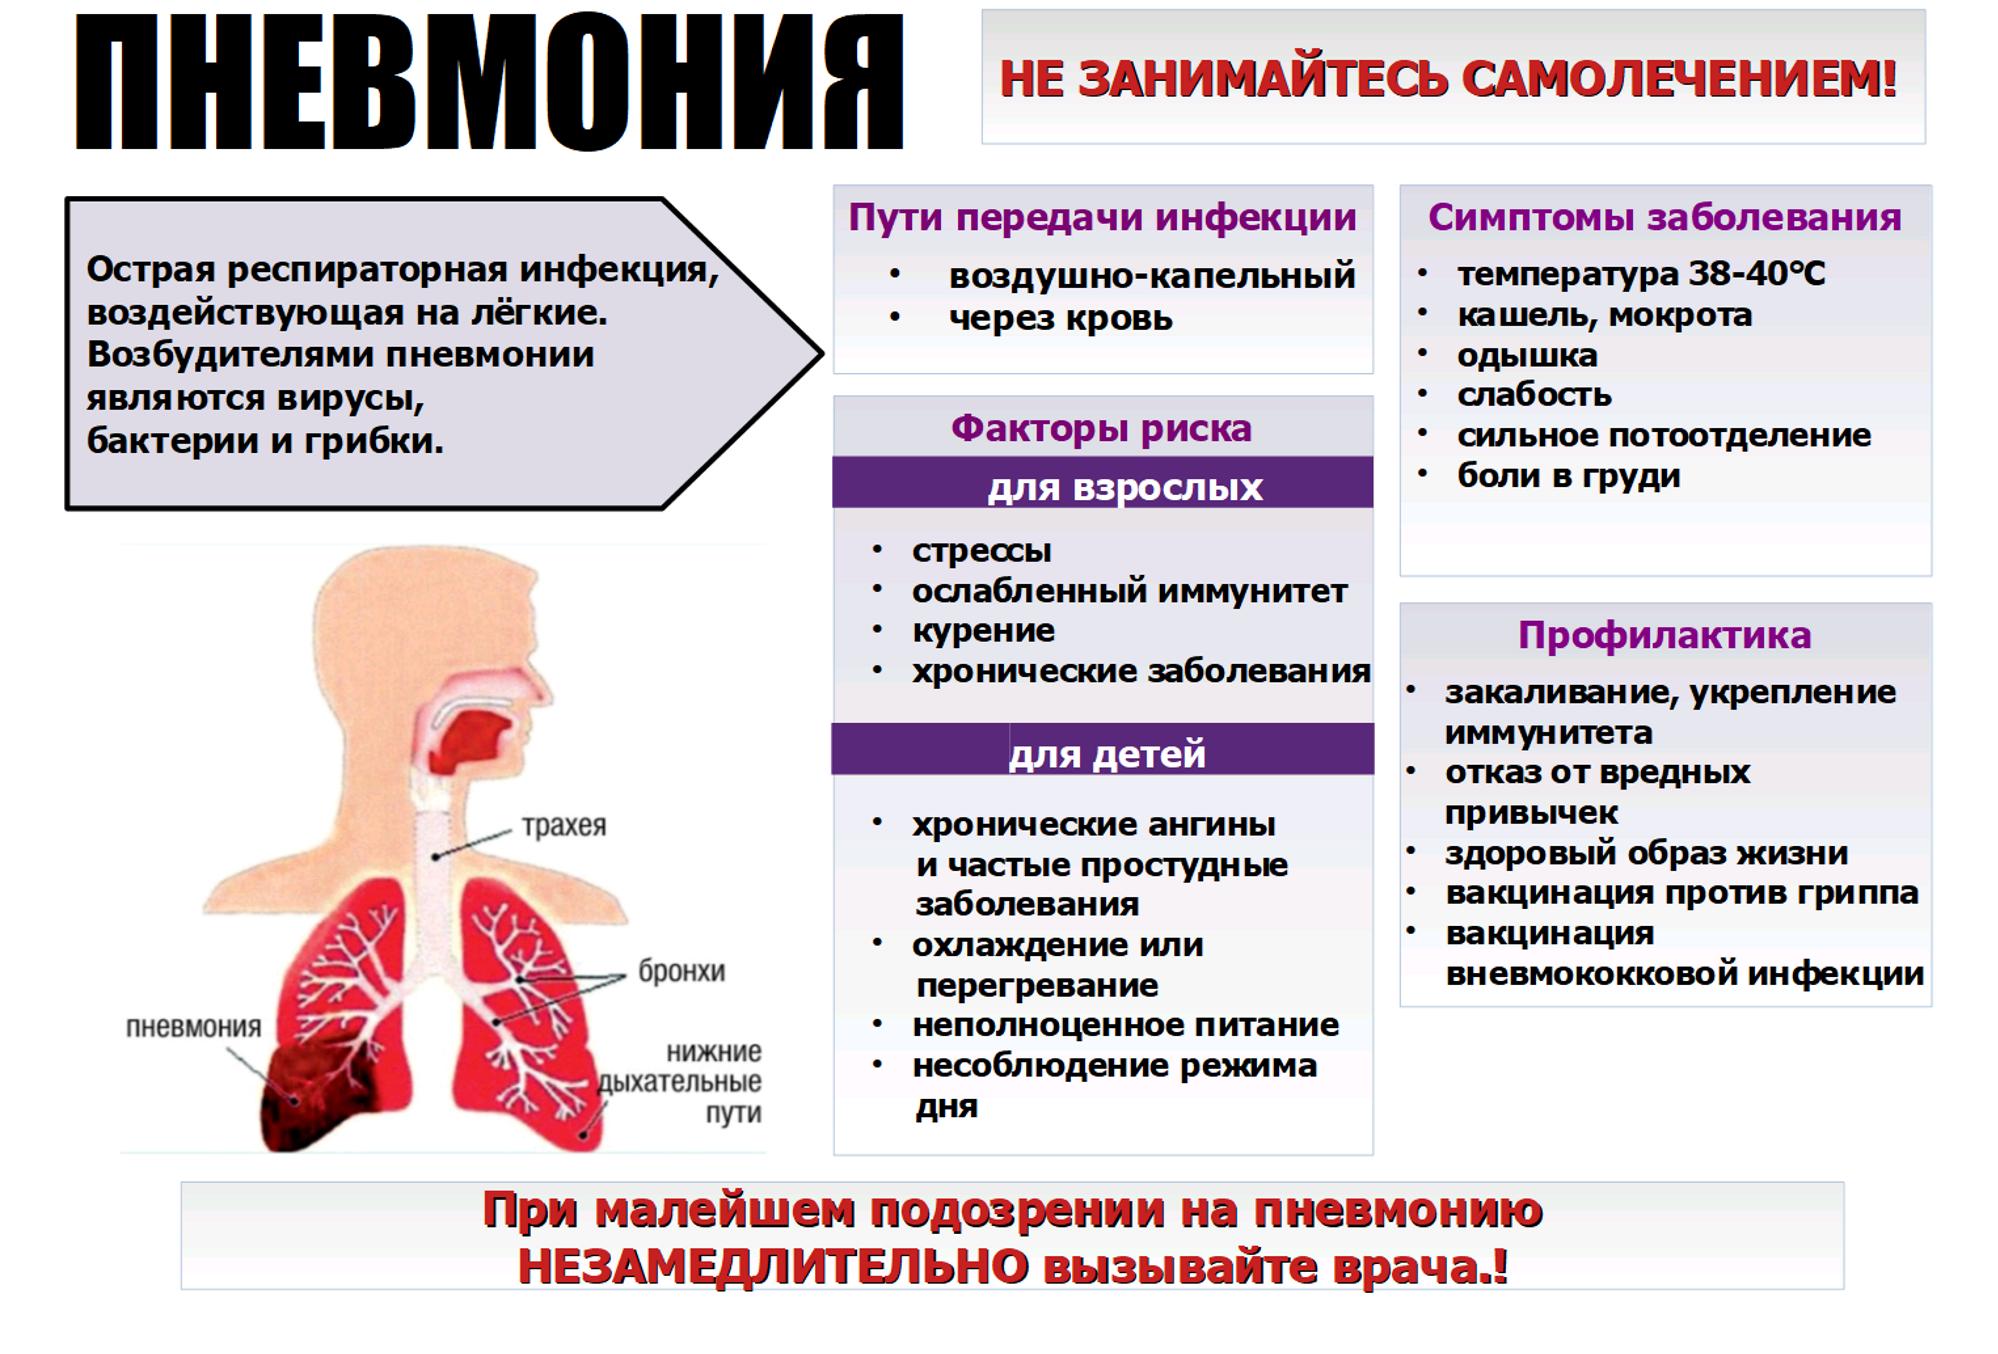 Пневмония после инфаркта миокарда